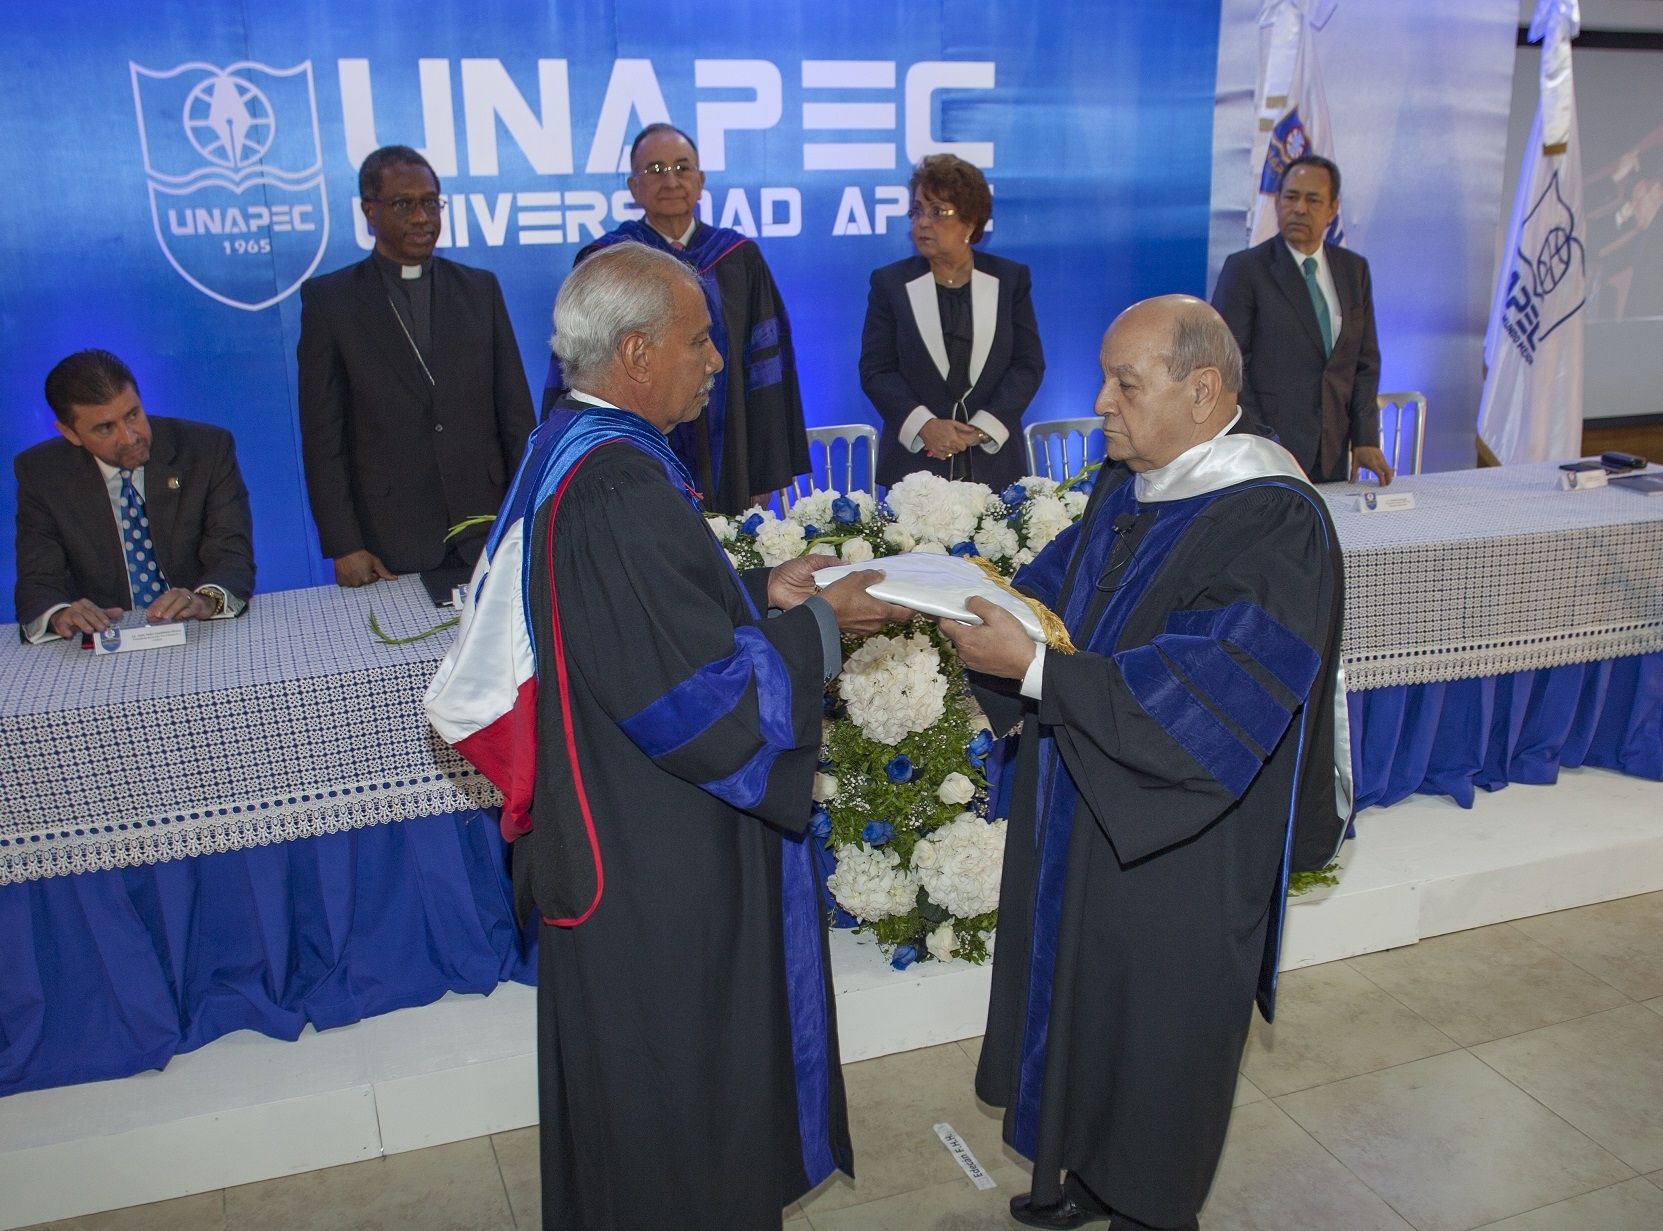 Lic. Francisco D Oleo, Vicerrector Acádemico, entrega Bandera de UNAPEC al nuevo Rector.